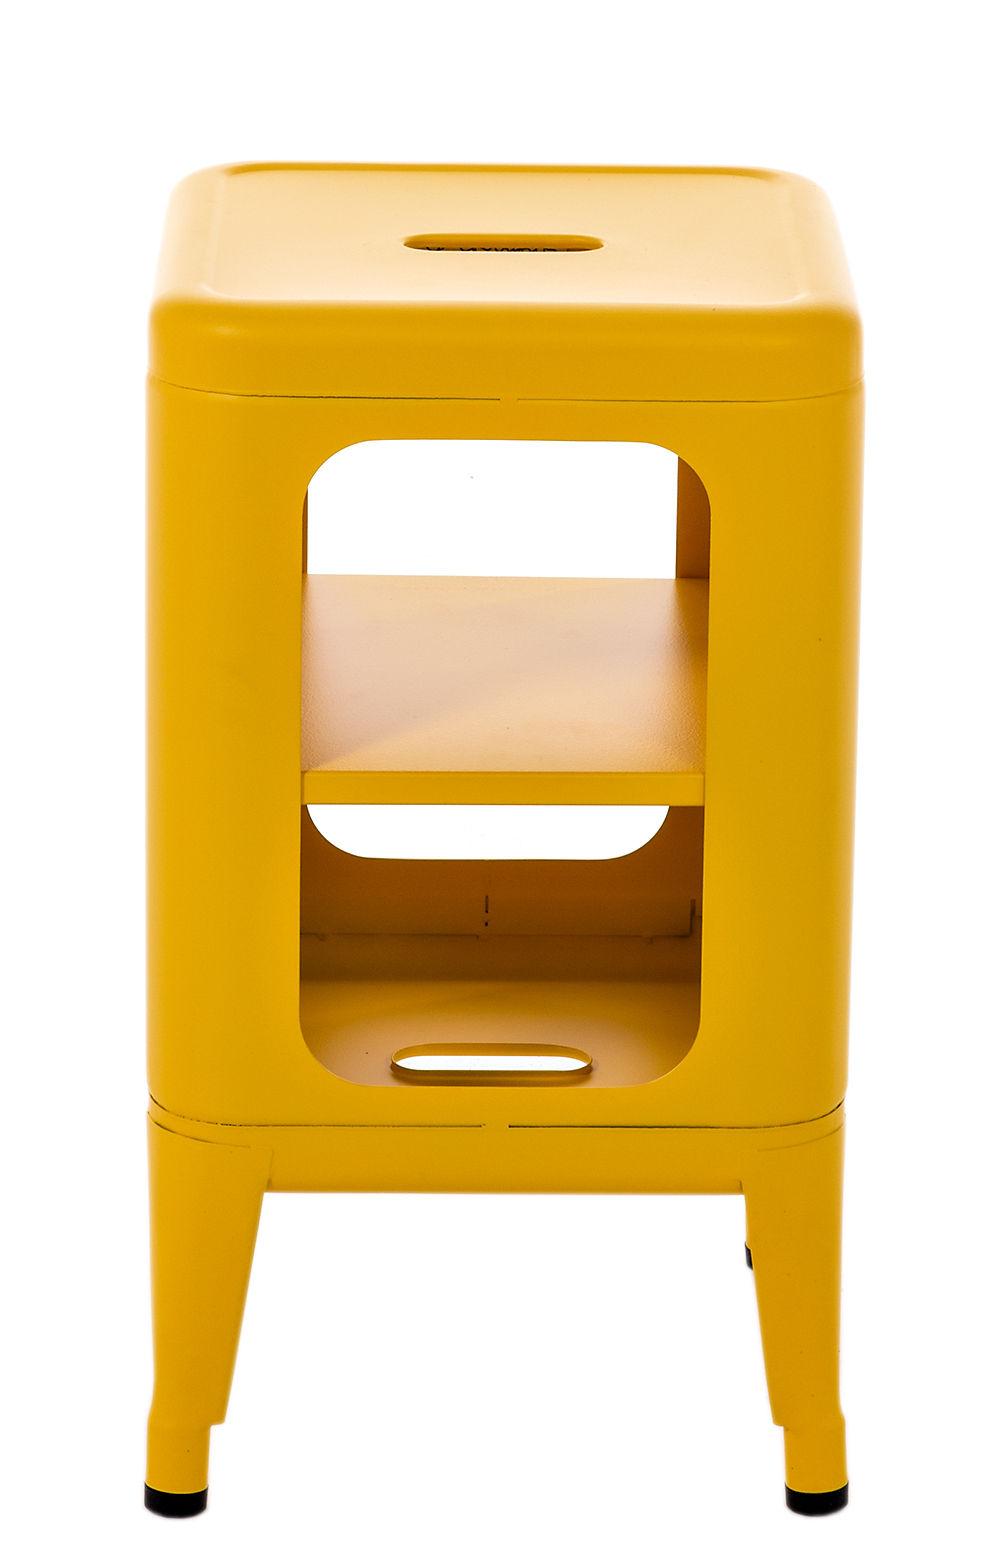 meuble de rangement h 50 cm le corbusier jaune vif tolix. Black Bedroom Furniture Sets. Home Design Ideas